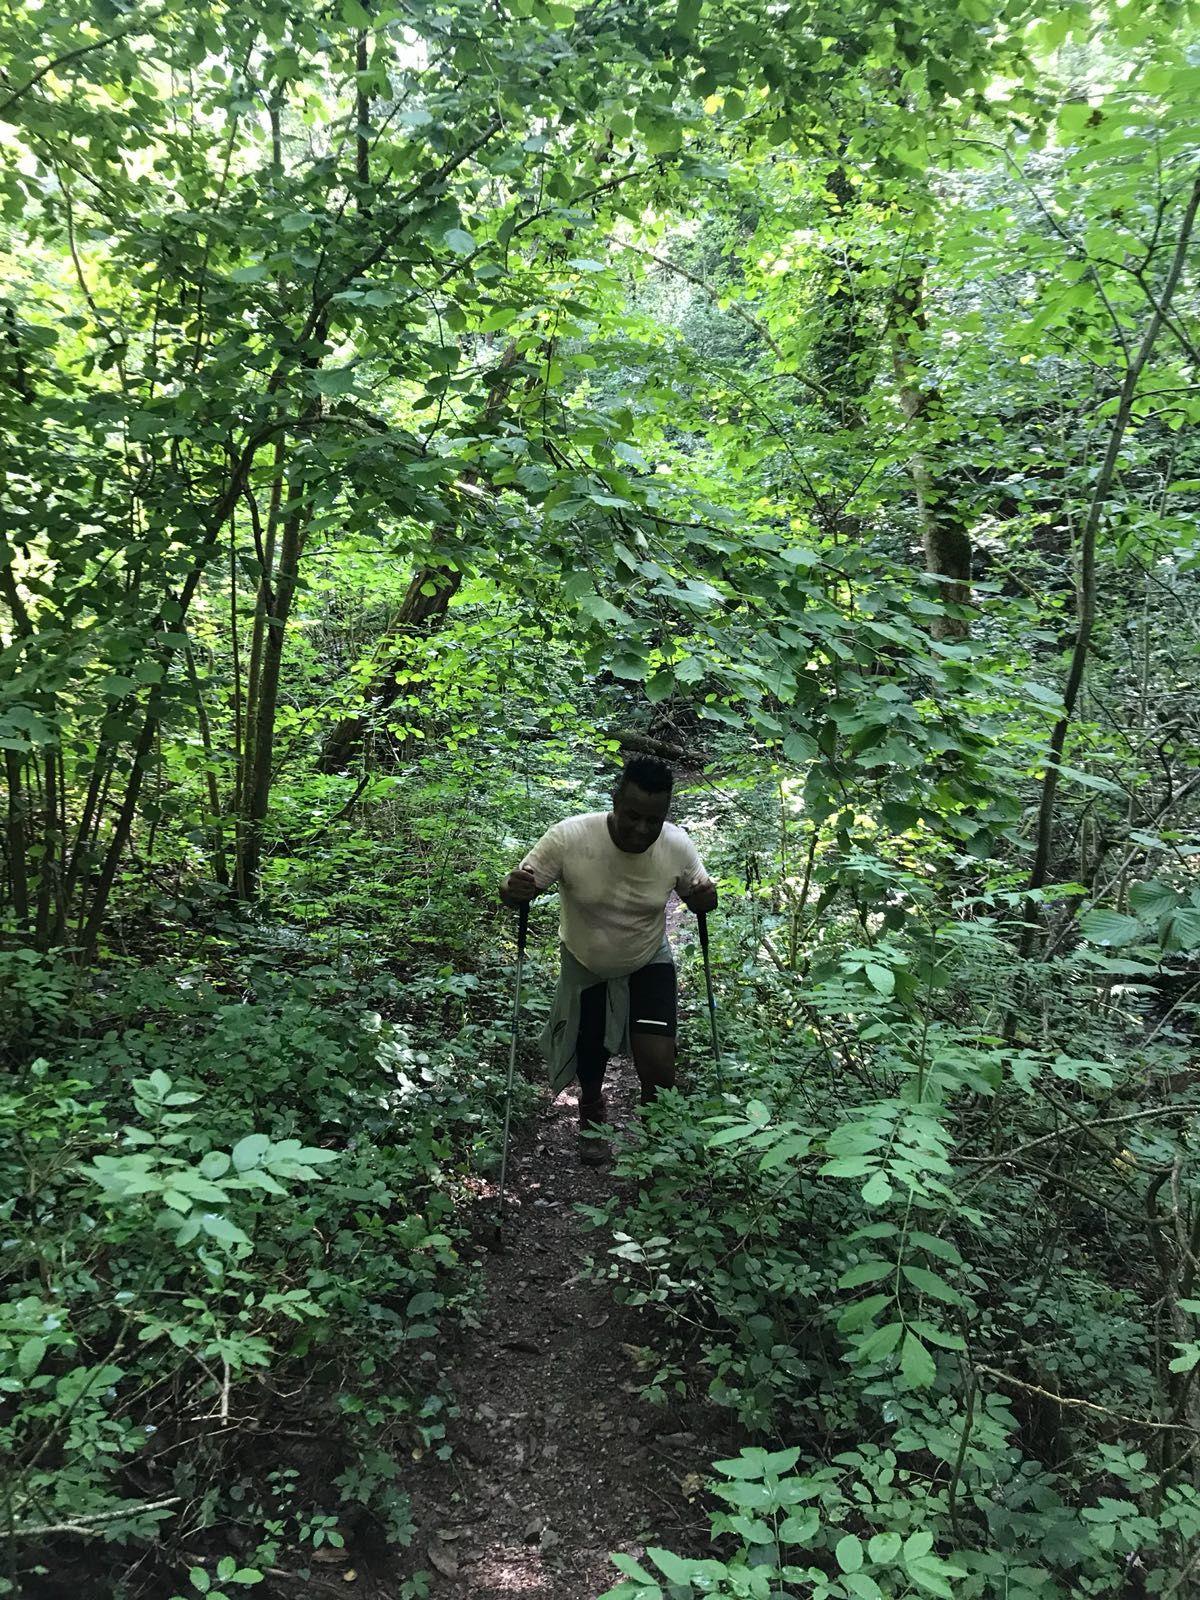 Après le petit cours d'eau, nous remontons la pente vers le village de Comes, ce passage est vraiment super, car totalement au calme dans une forêt bien dense, Yann avance sereinement et dans la joie. Emeric un peu plus loin les bras en l'air salue notre avancée.